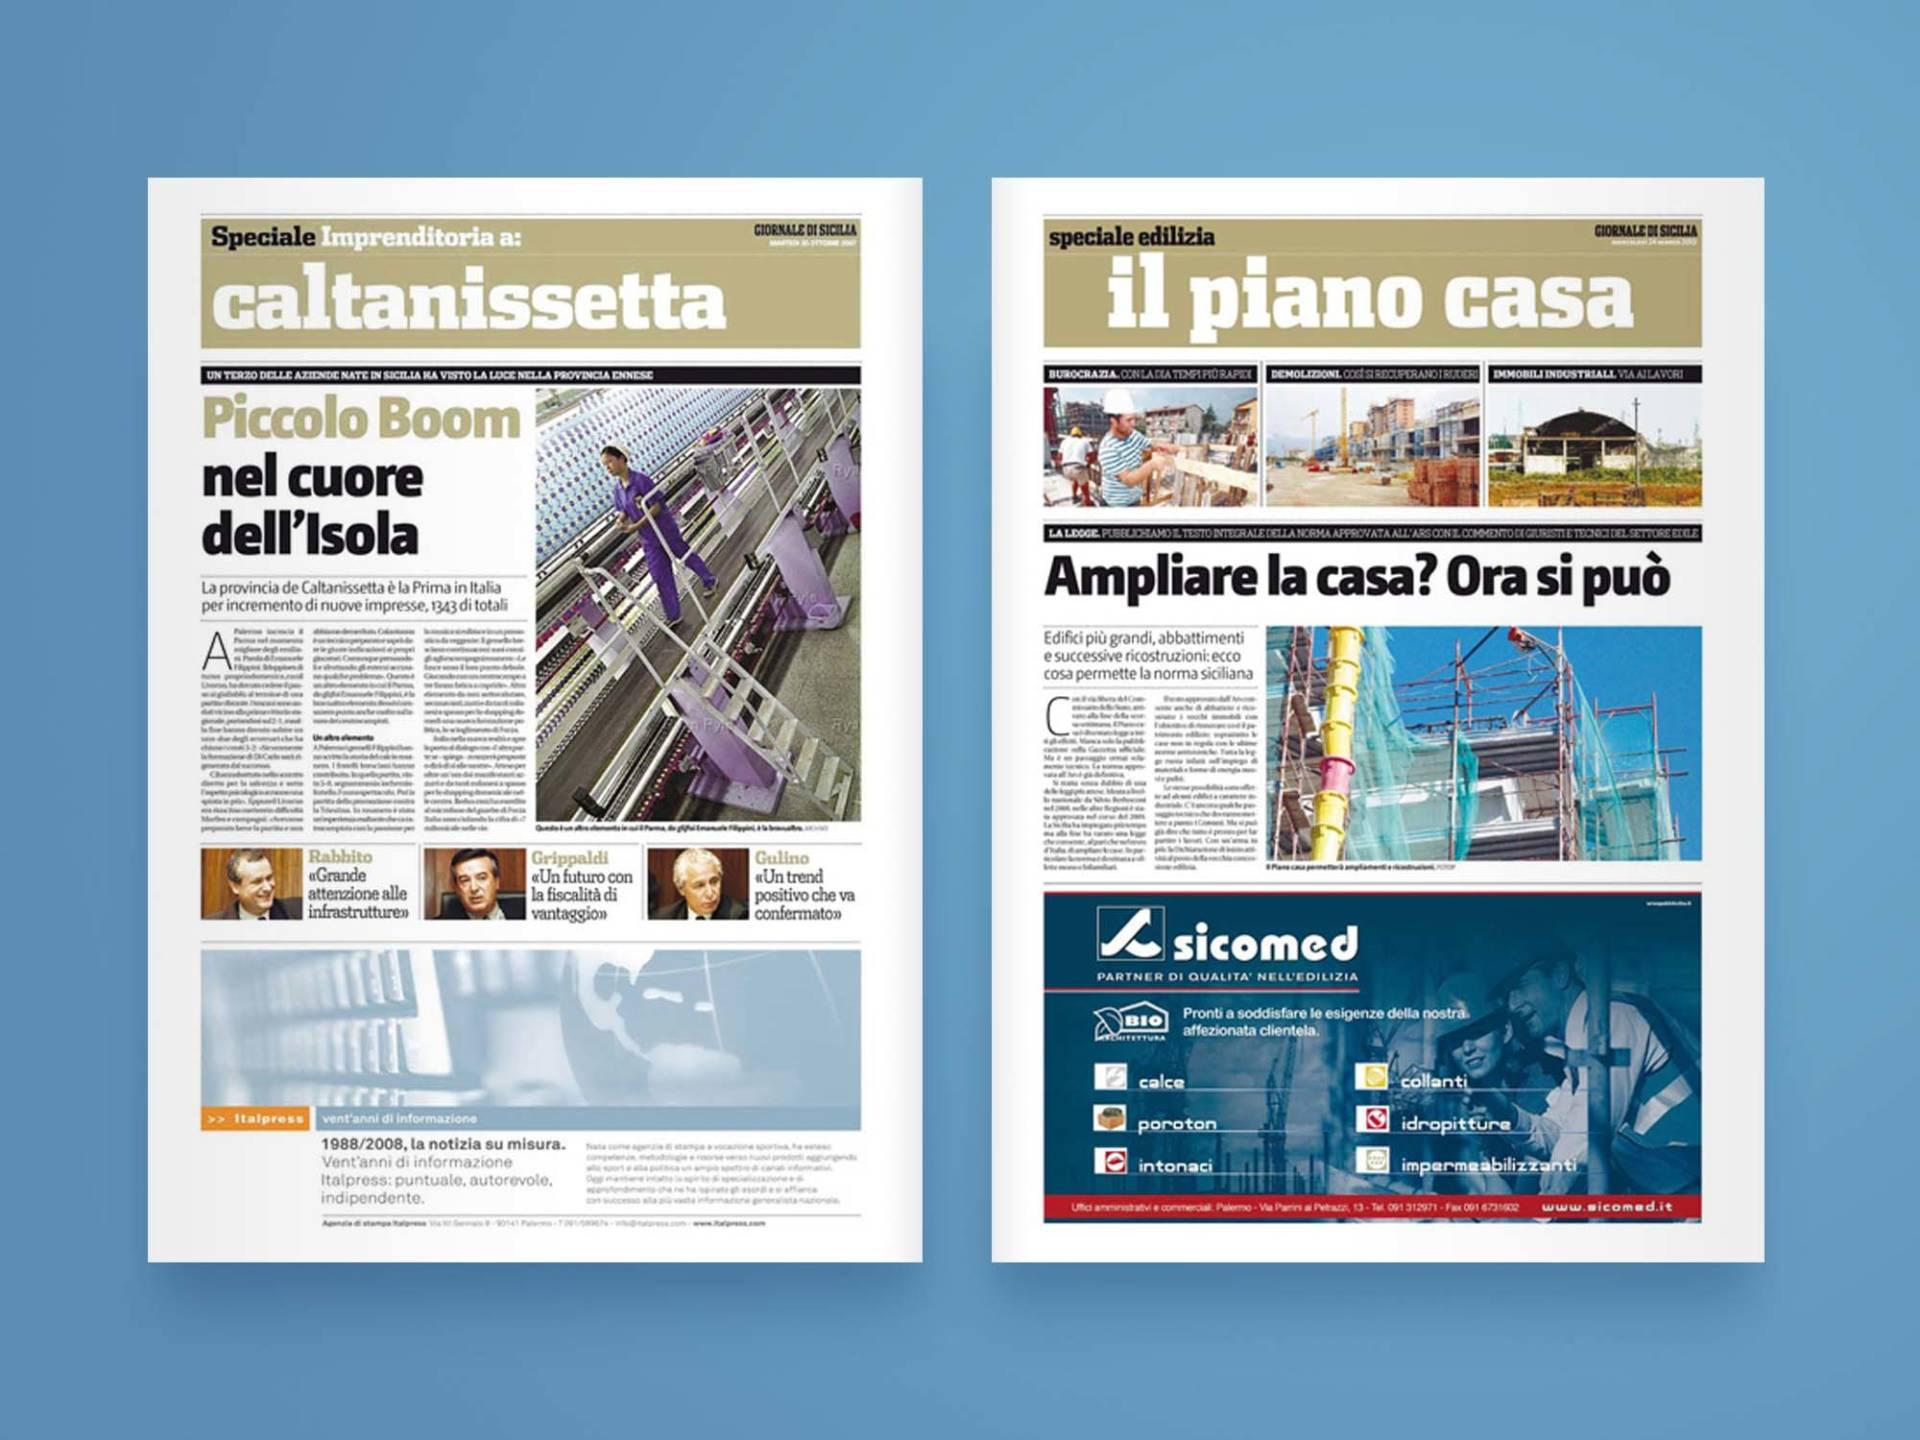 Giornale_di_Sicilia_Supplementi_03_Wenceslau_News_Design